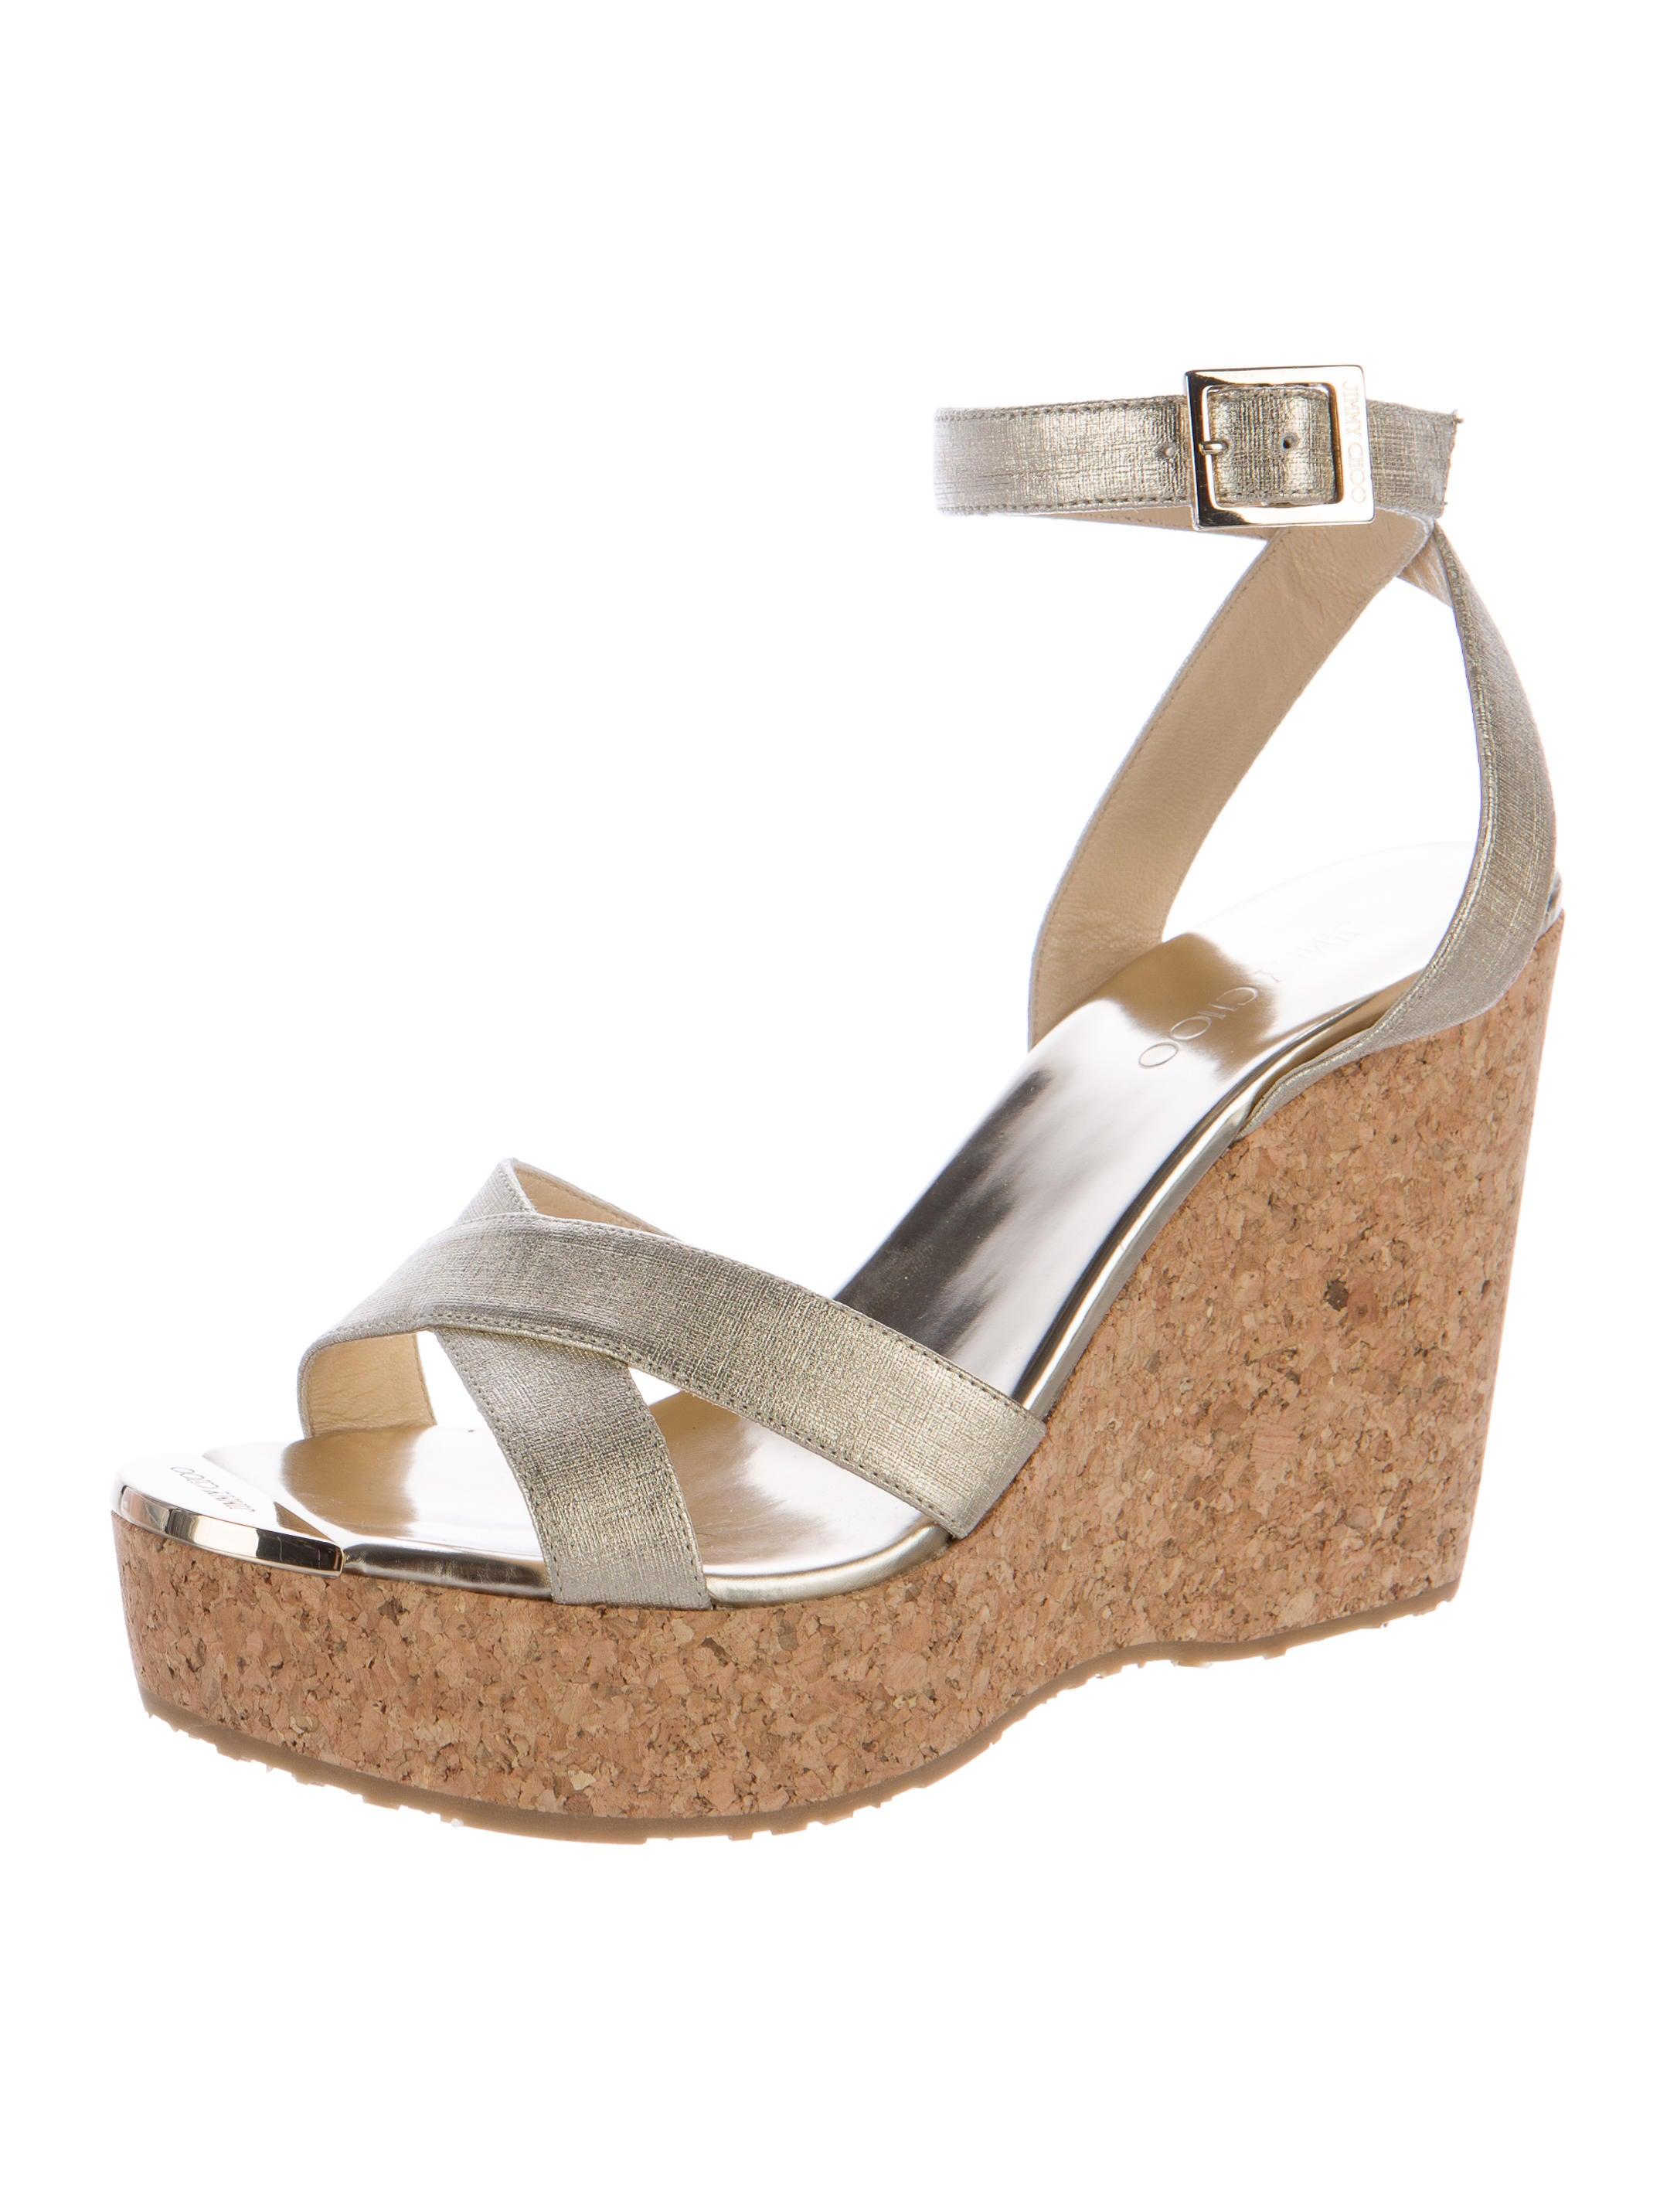 jimmy choo metallic wedge sandals shoes jim60554 the